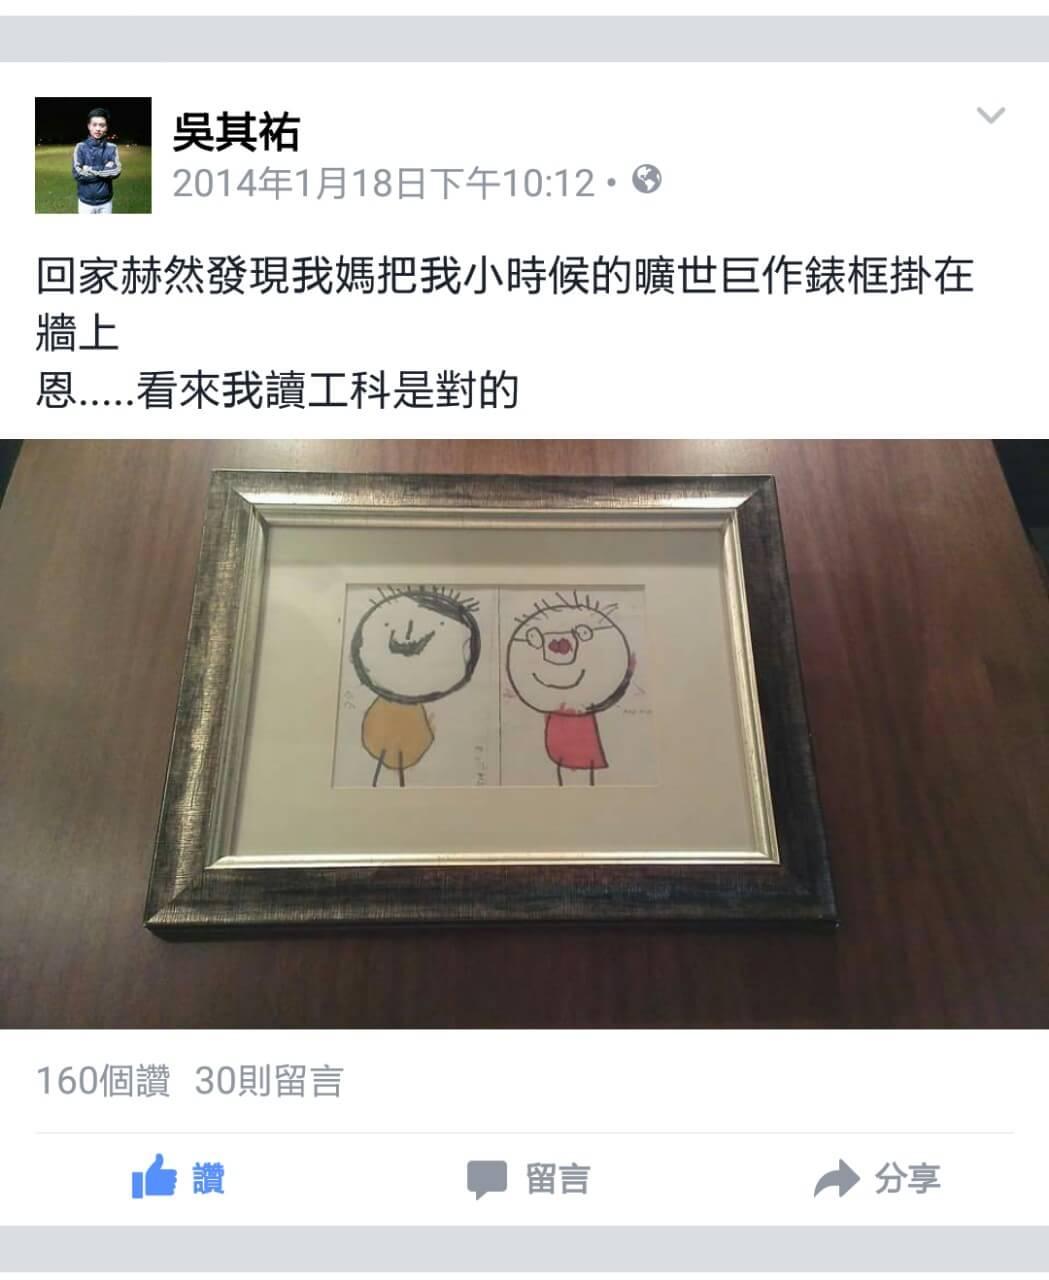 通稿照片-吳其祐臉書調侃自己的四歲塗鴉作品.jpg